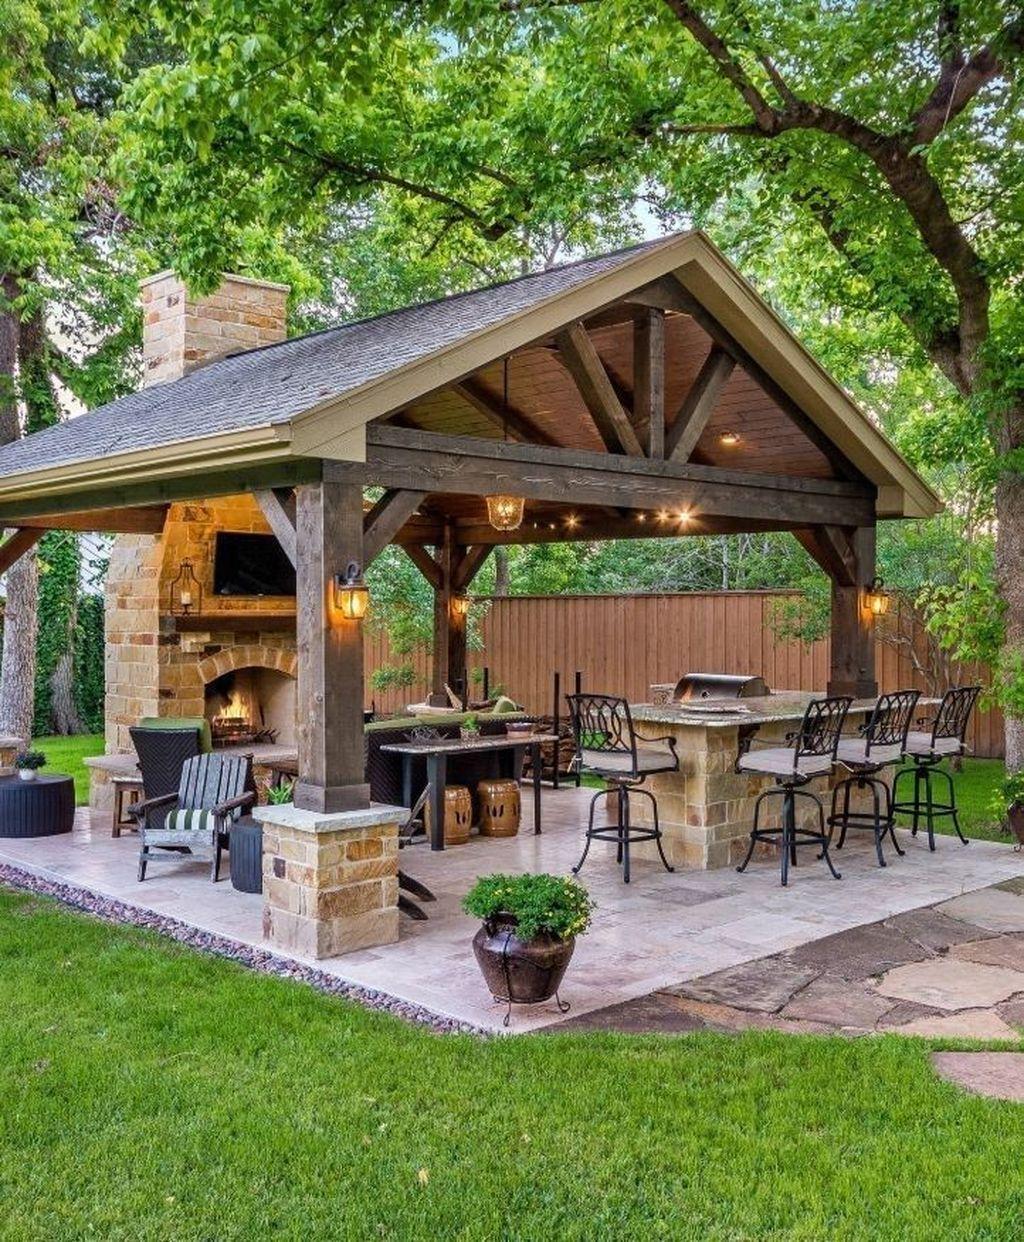 34 Small Diy Outdoor Patio Design Ideas In 2020 Small Backyard